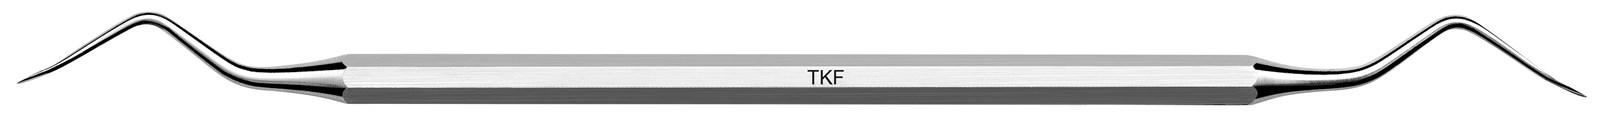 Nůž pro tunelovou techniku - TKF, ADEP žlutý